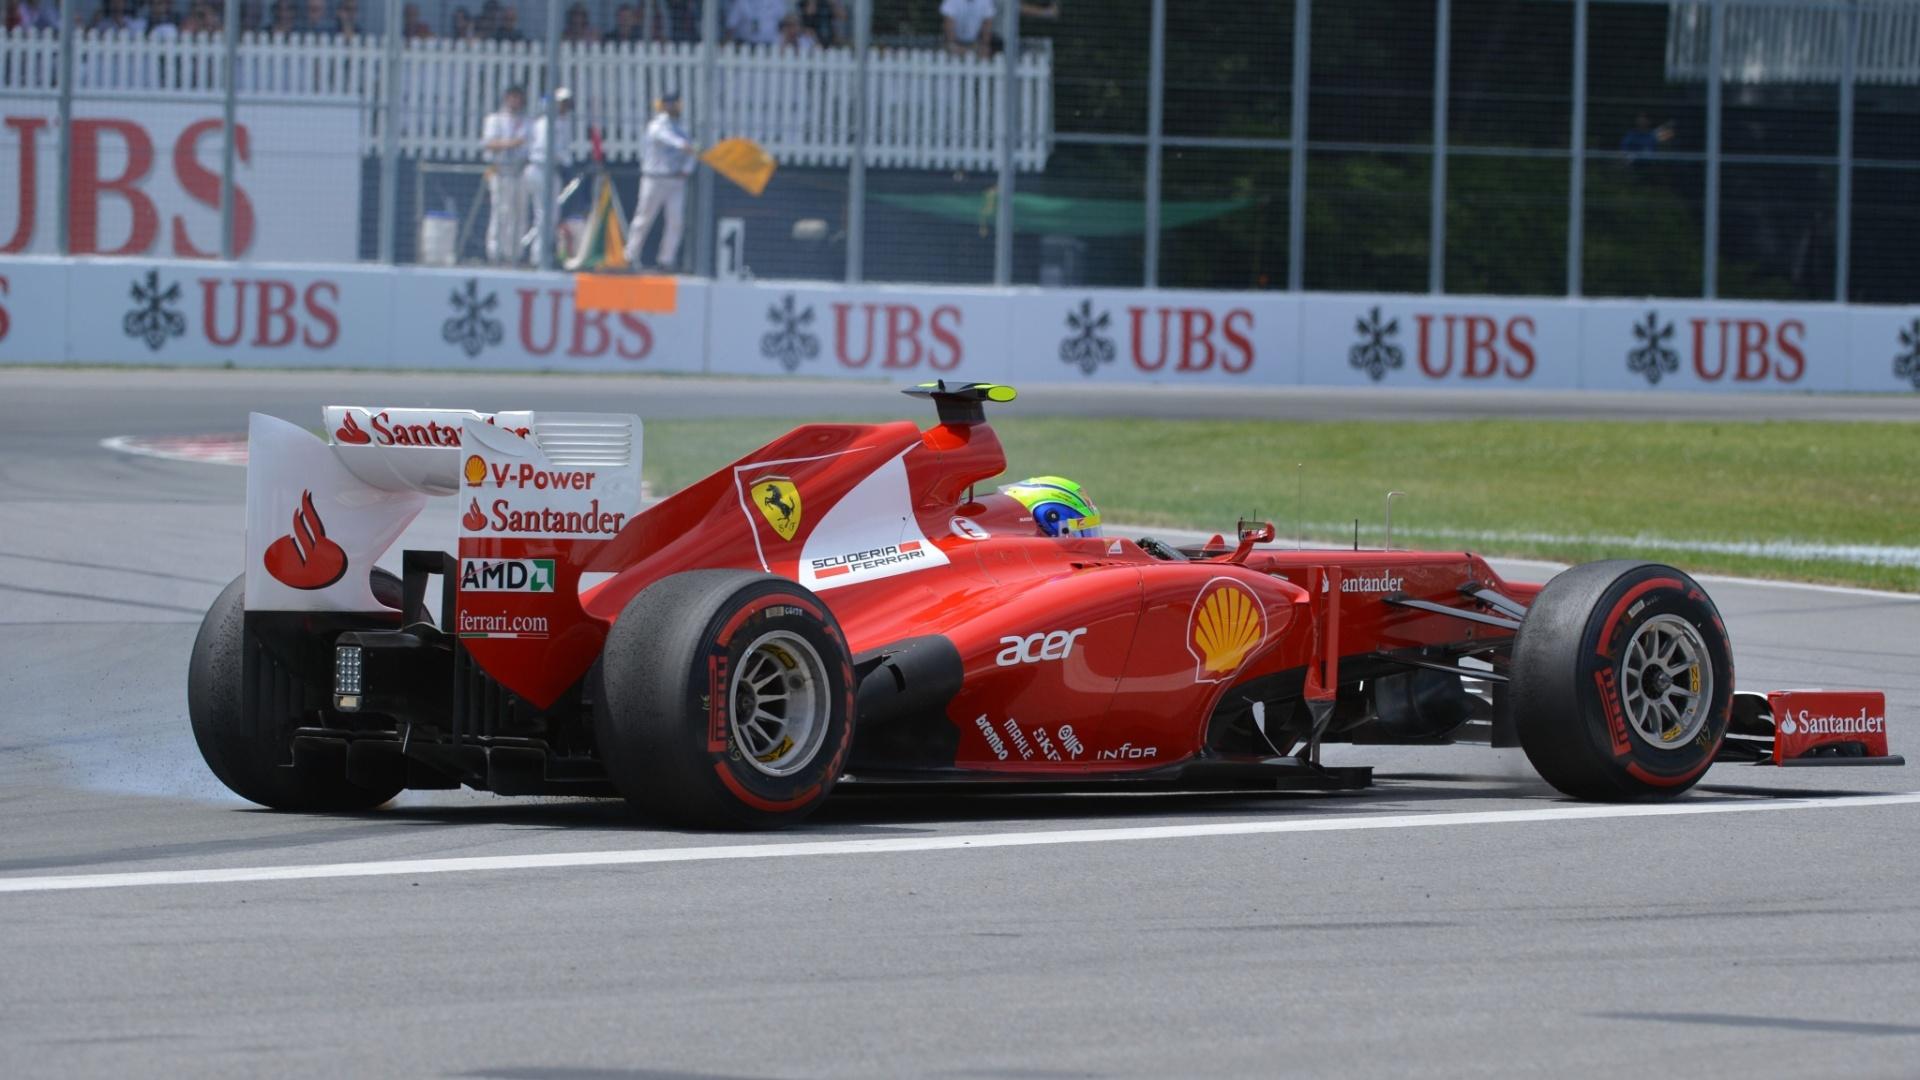 Felipe Massa, depois de um bom início, rodou sozinho e perdeu muitas posições no GP do Canadá